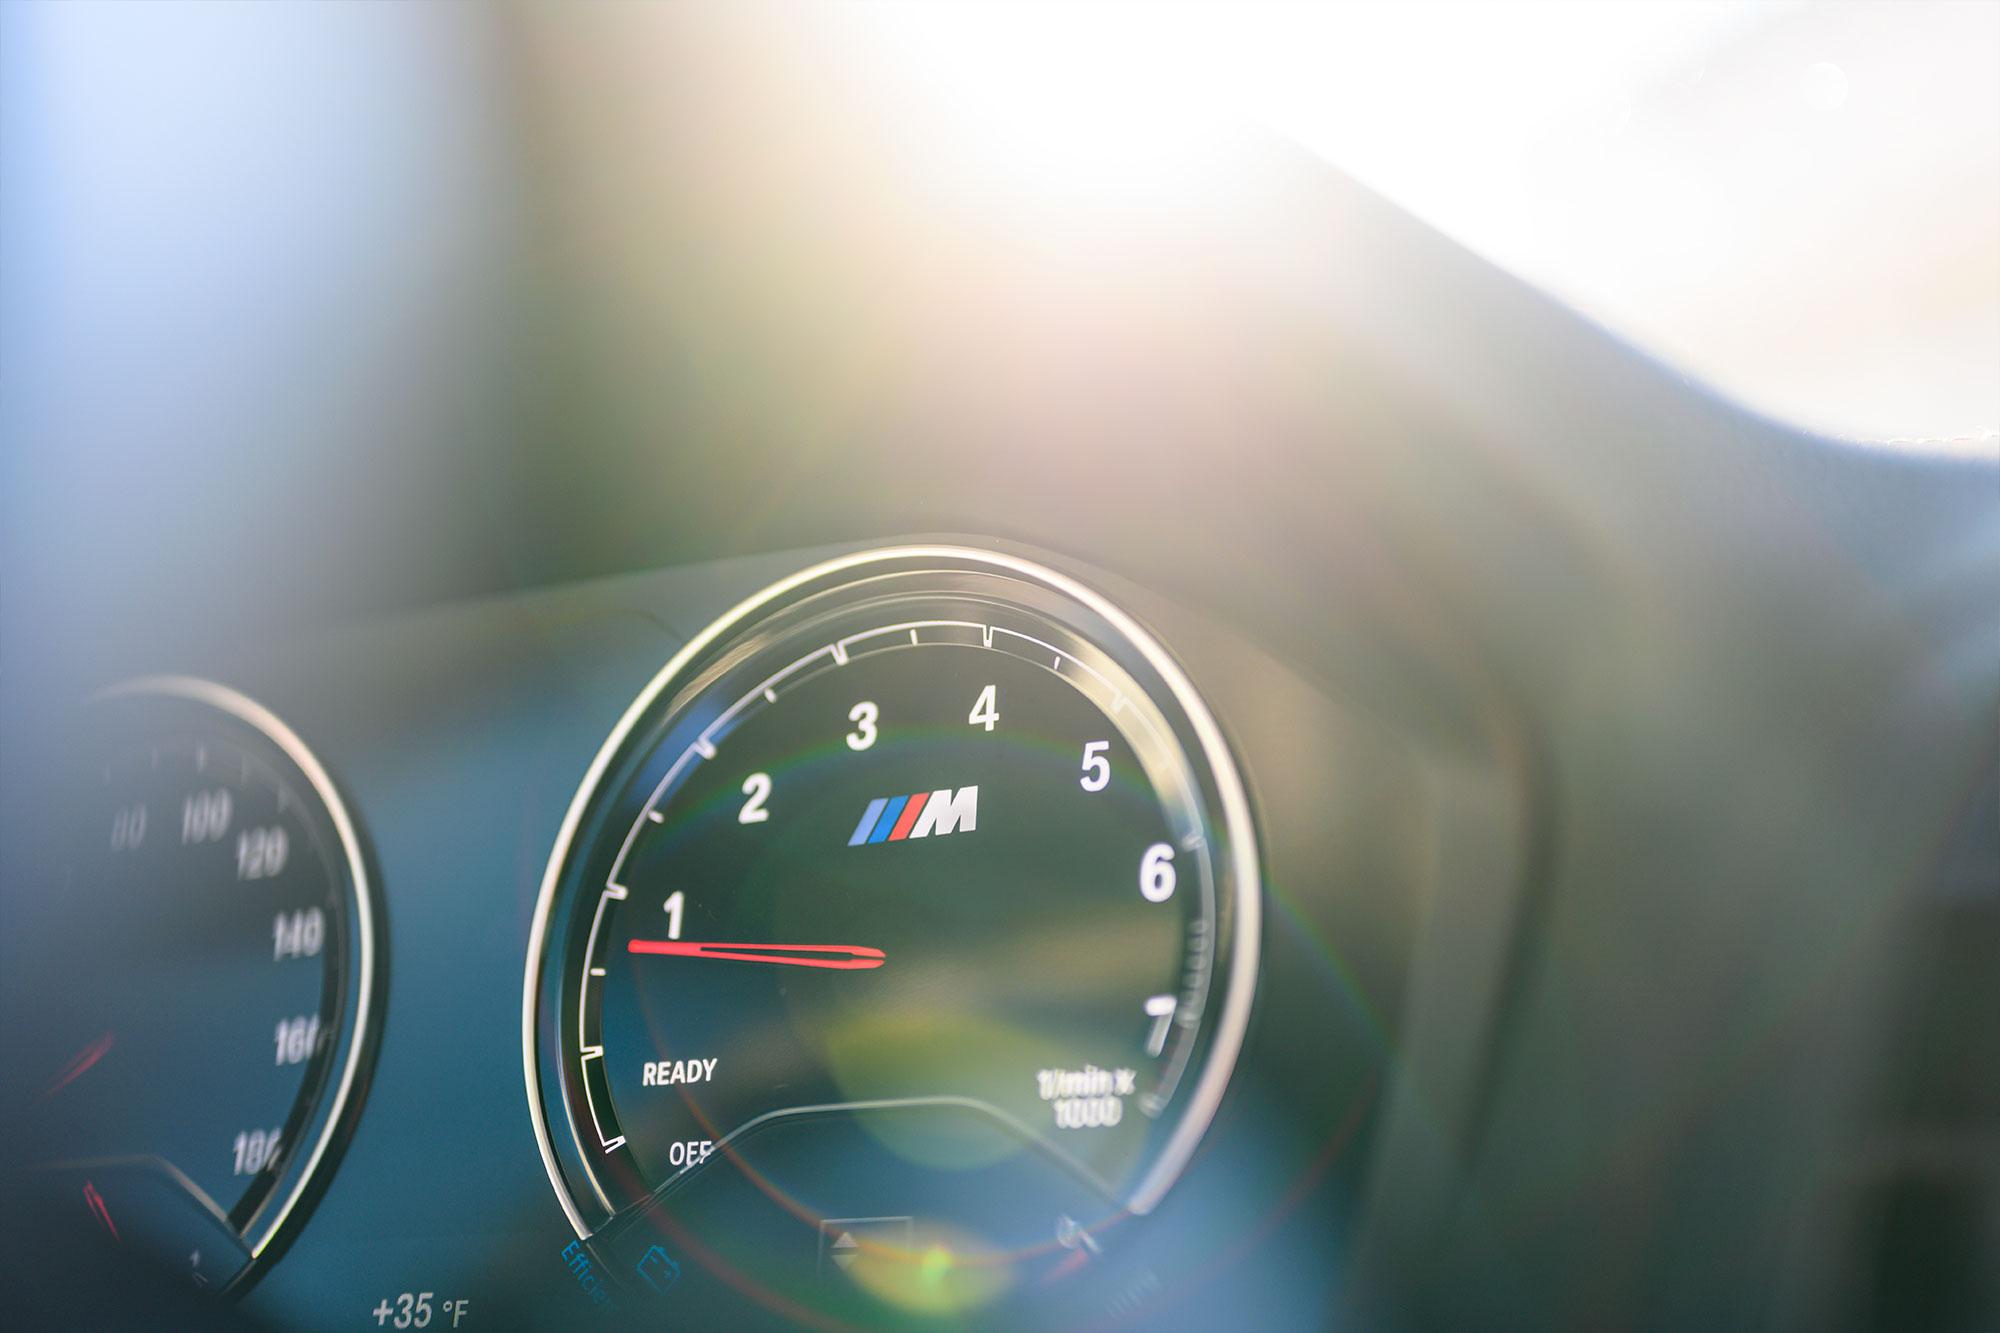 BMW M2 Tachometer